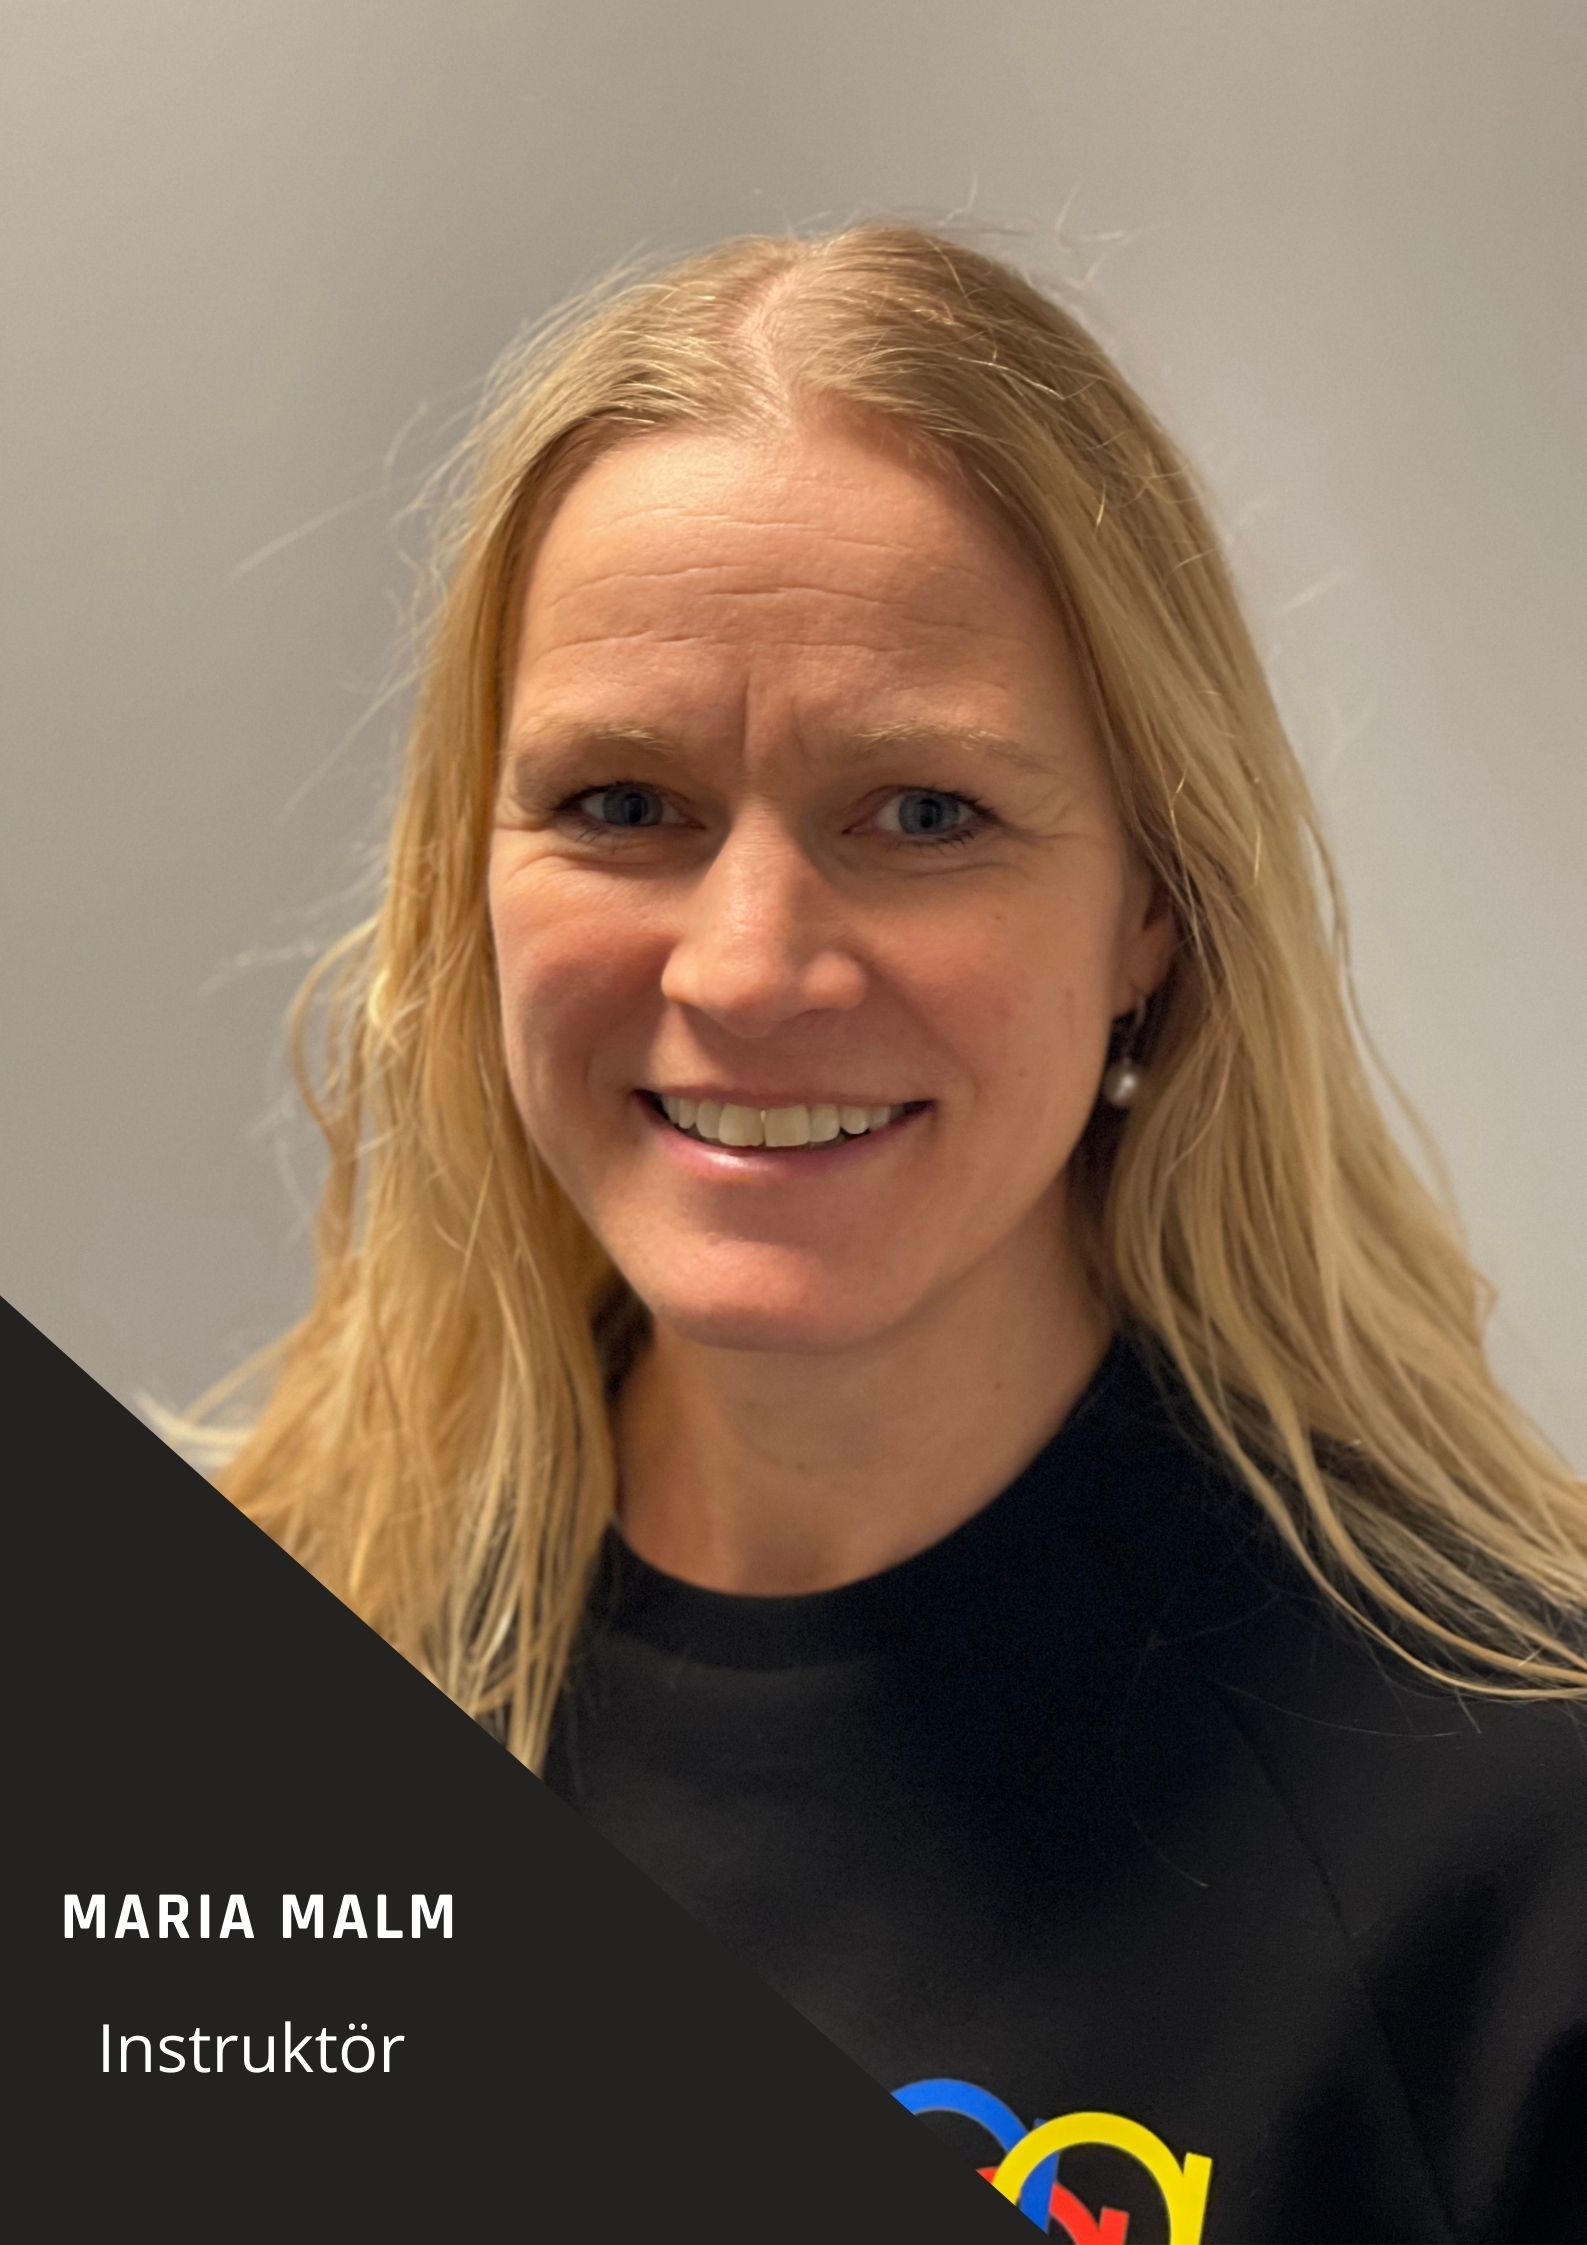 Maria Malm